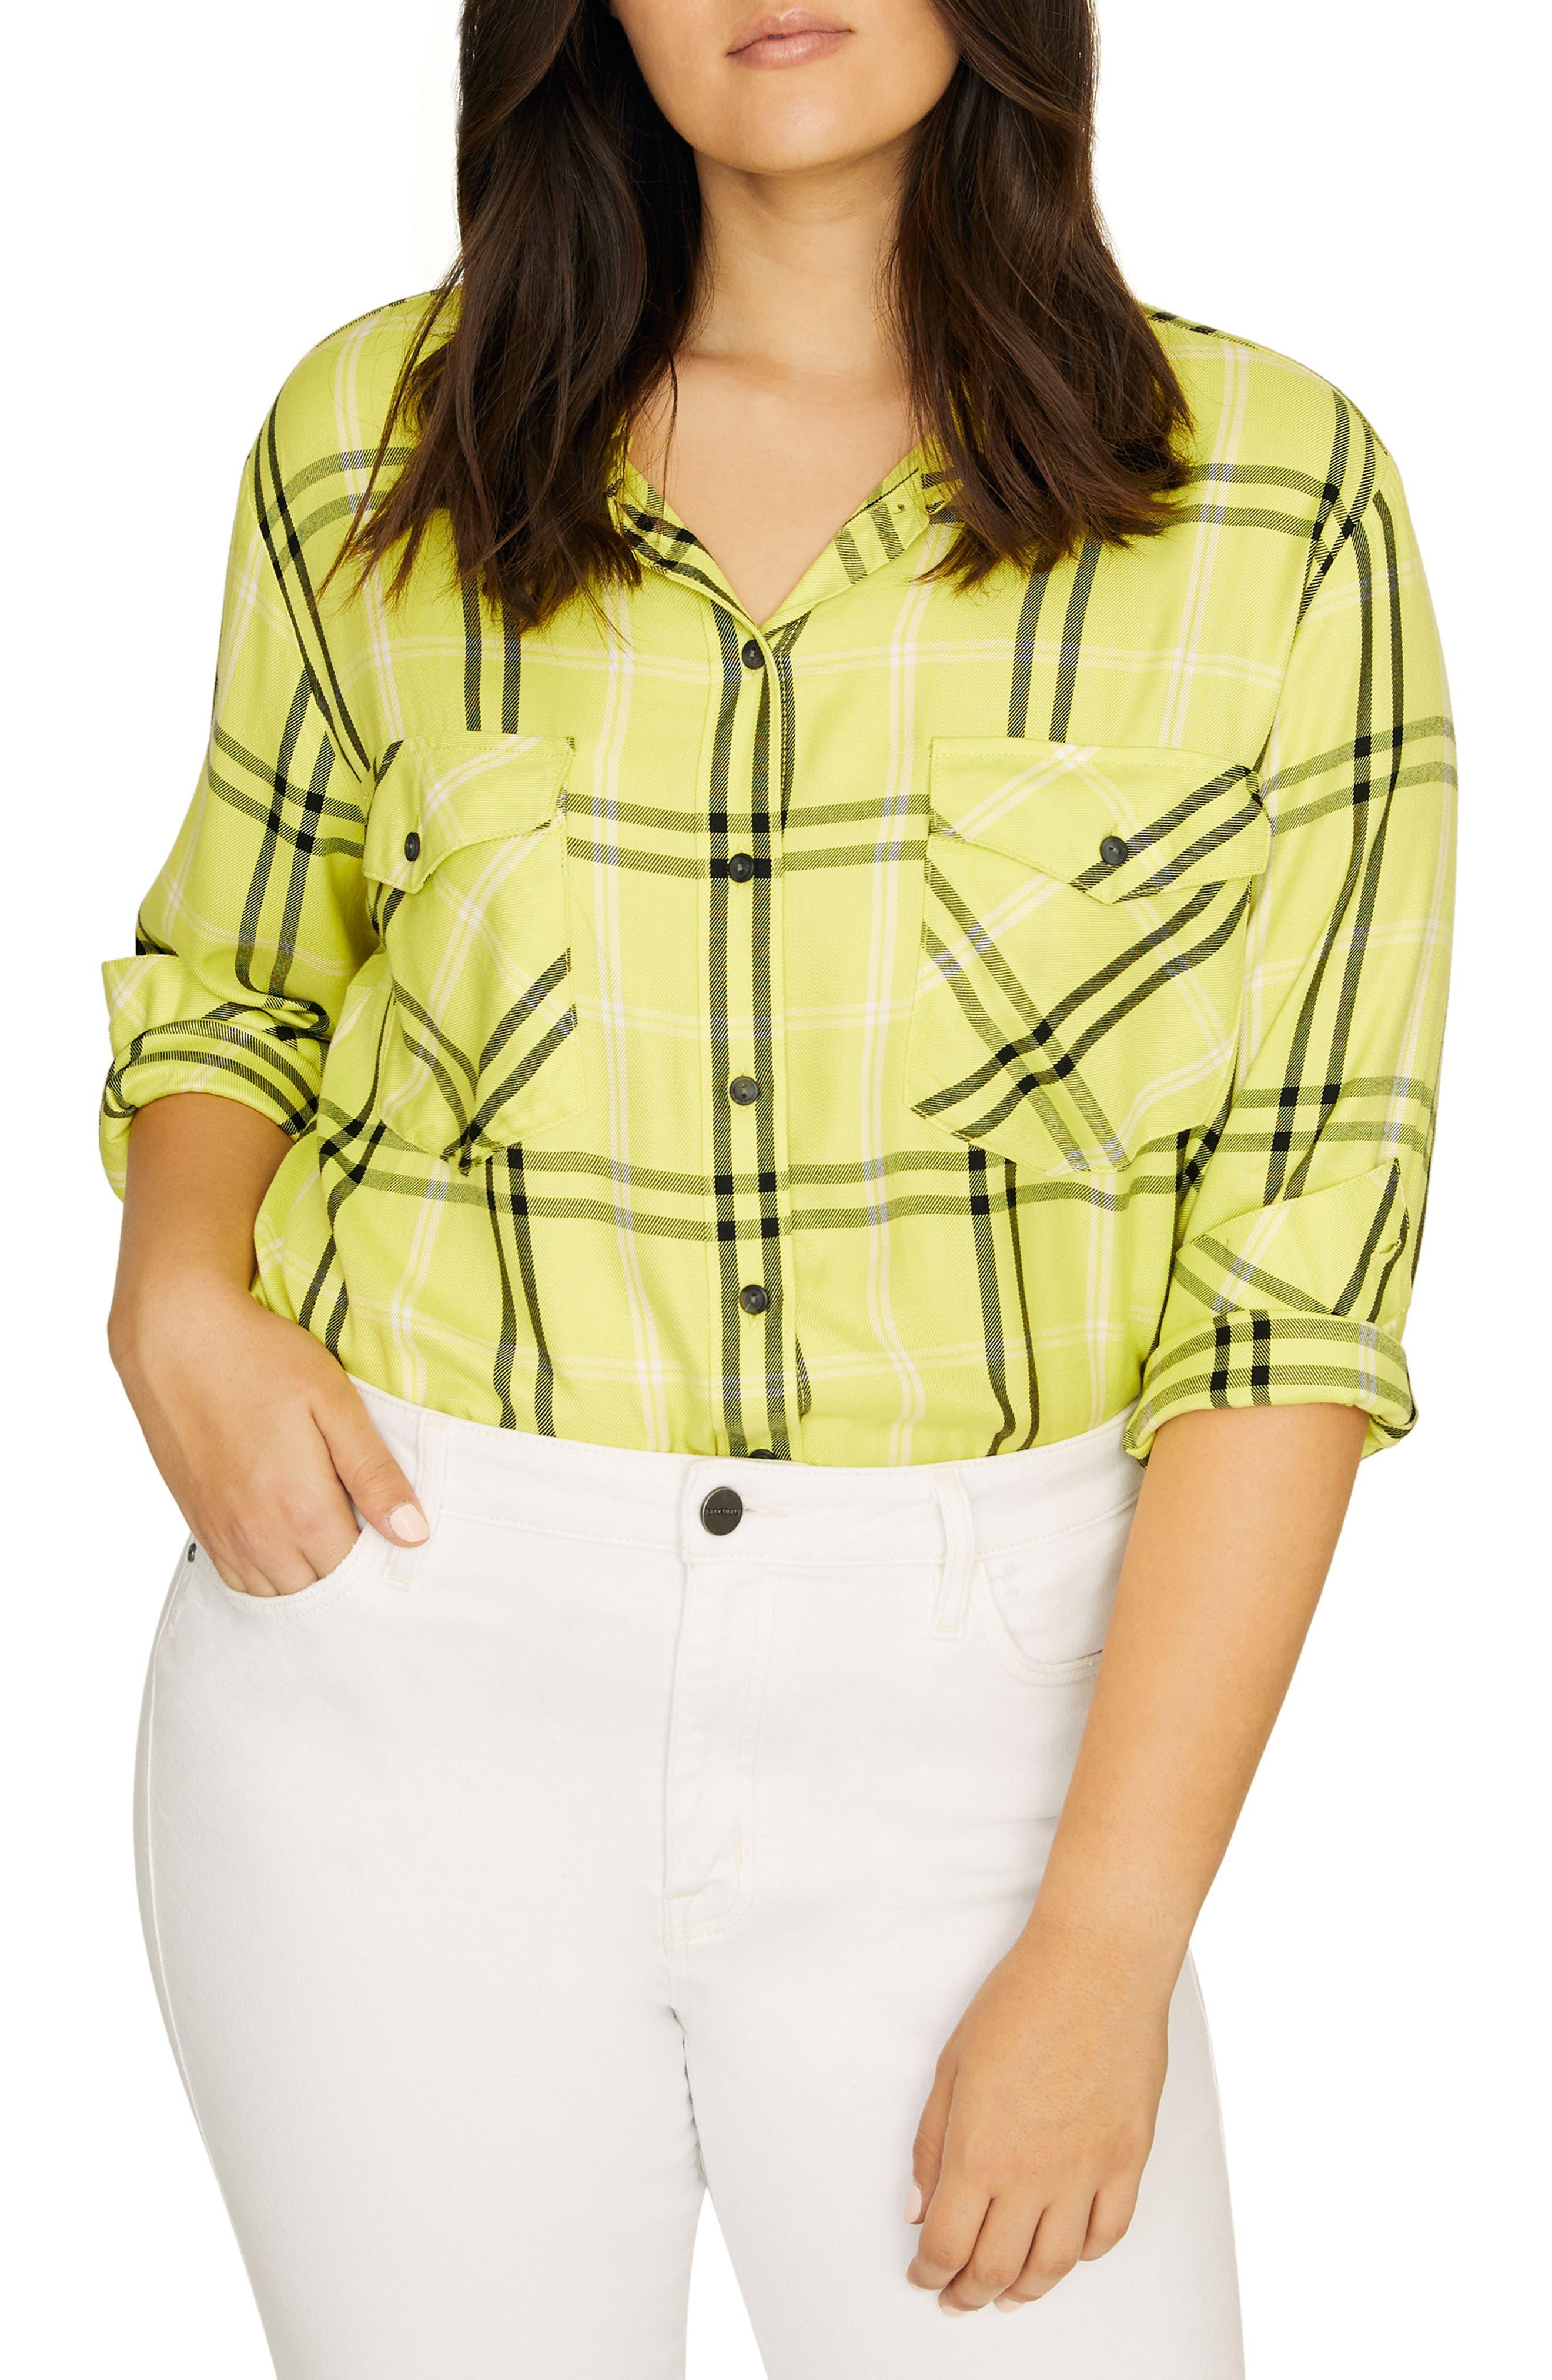 SANCTUARY Boyfriend for Life Oversize Check Shirt, Main, color, 700